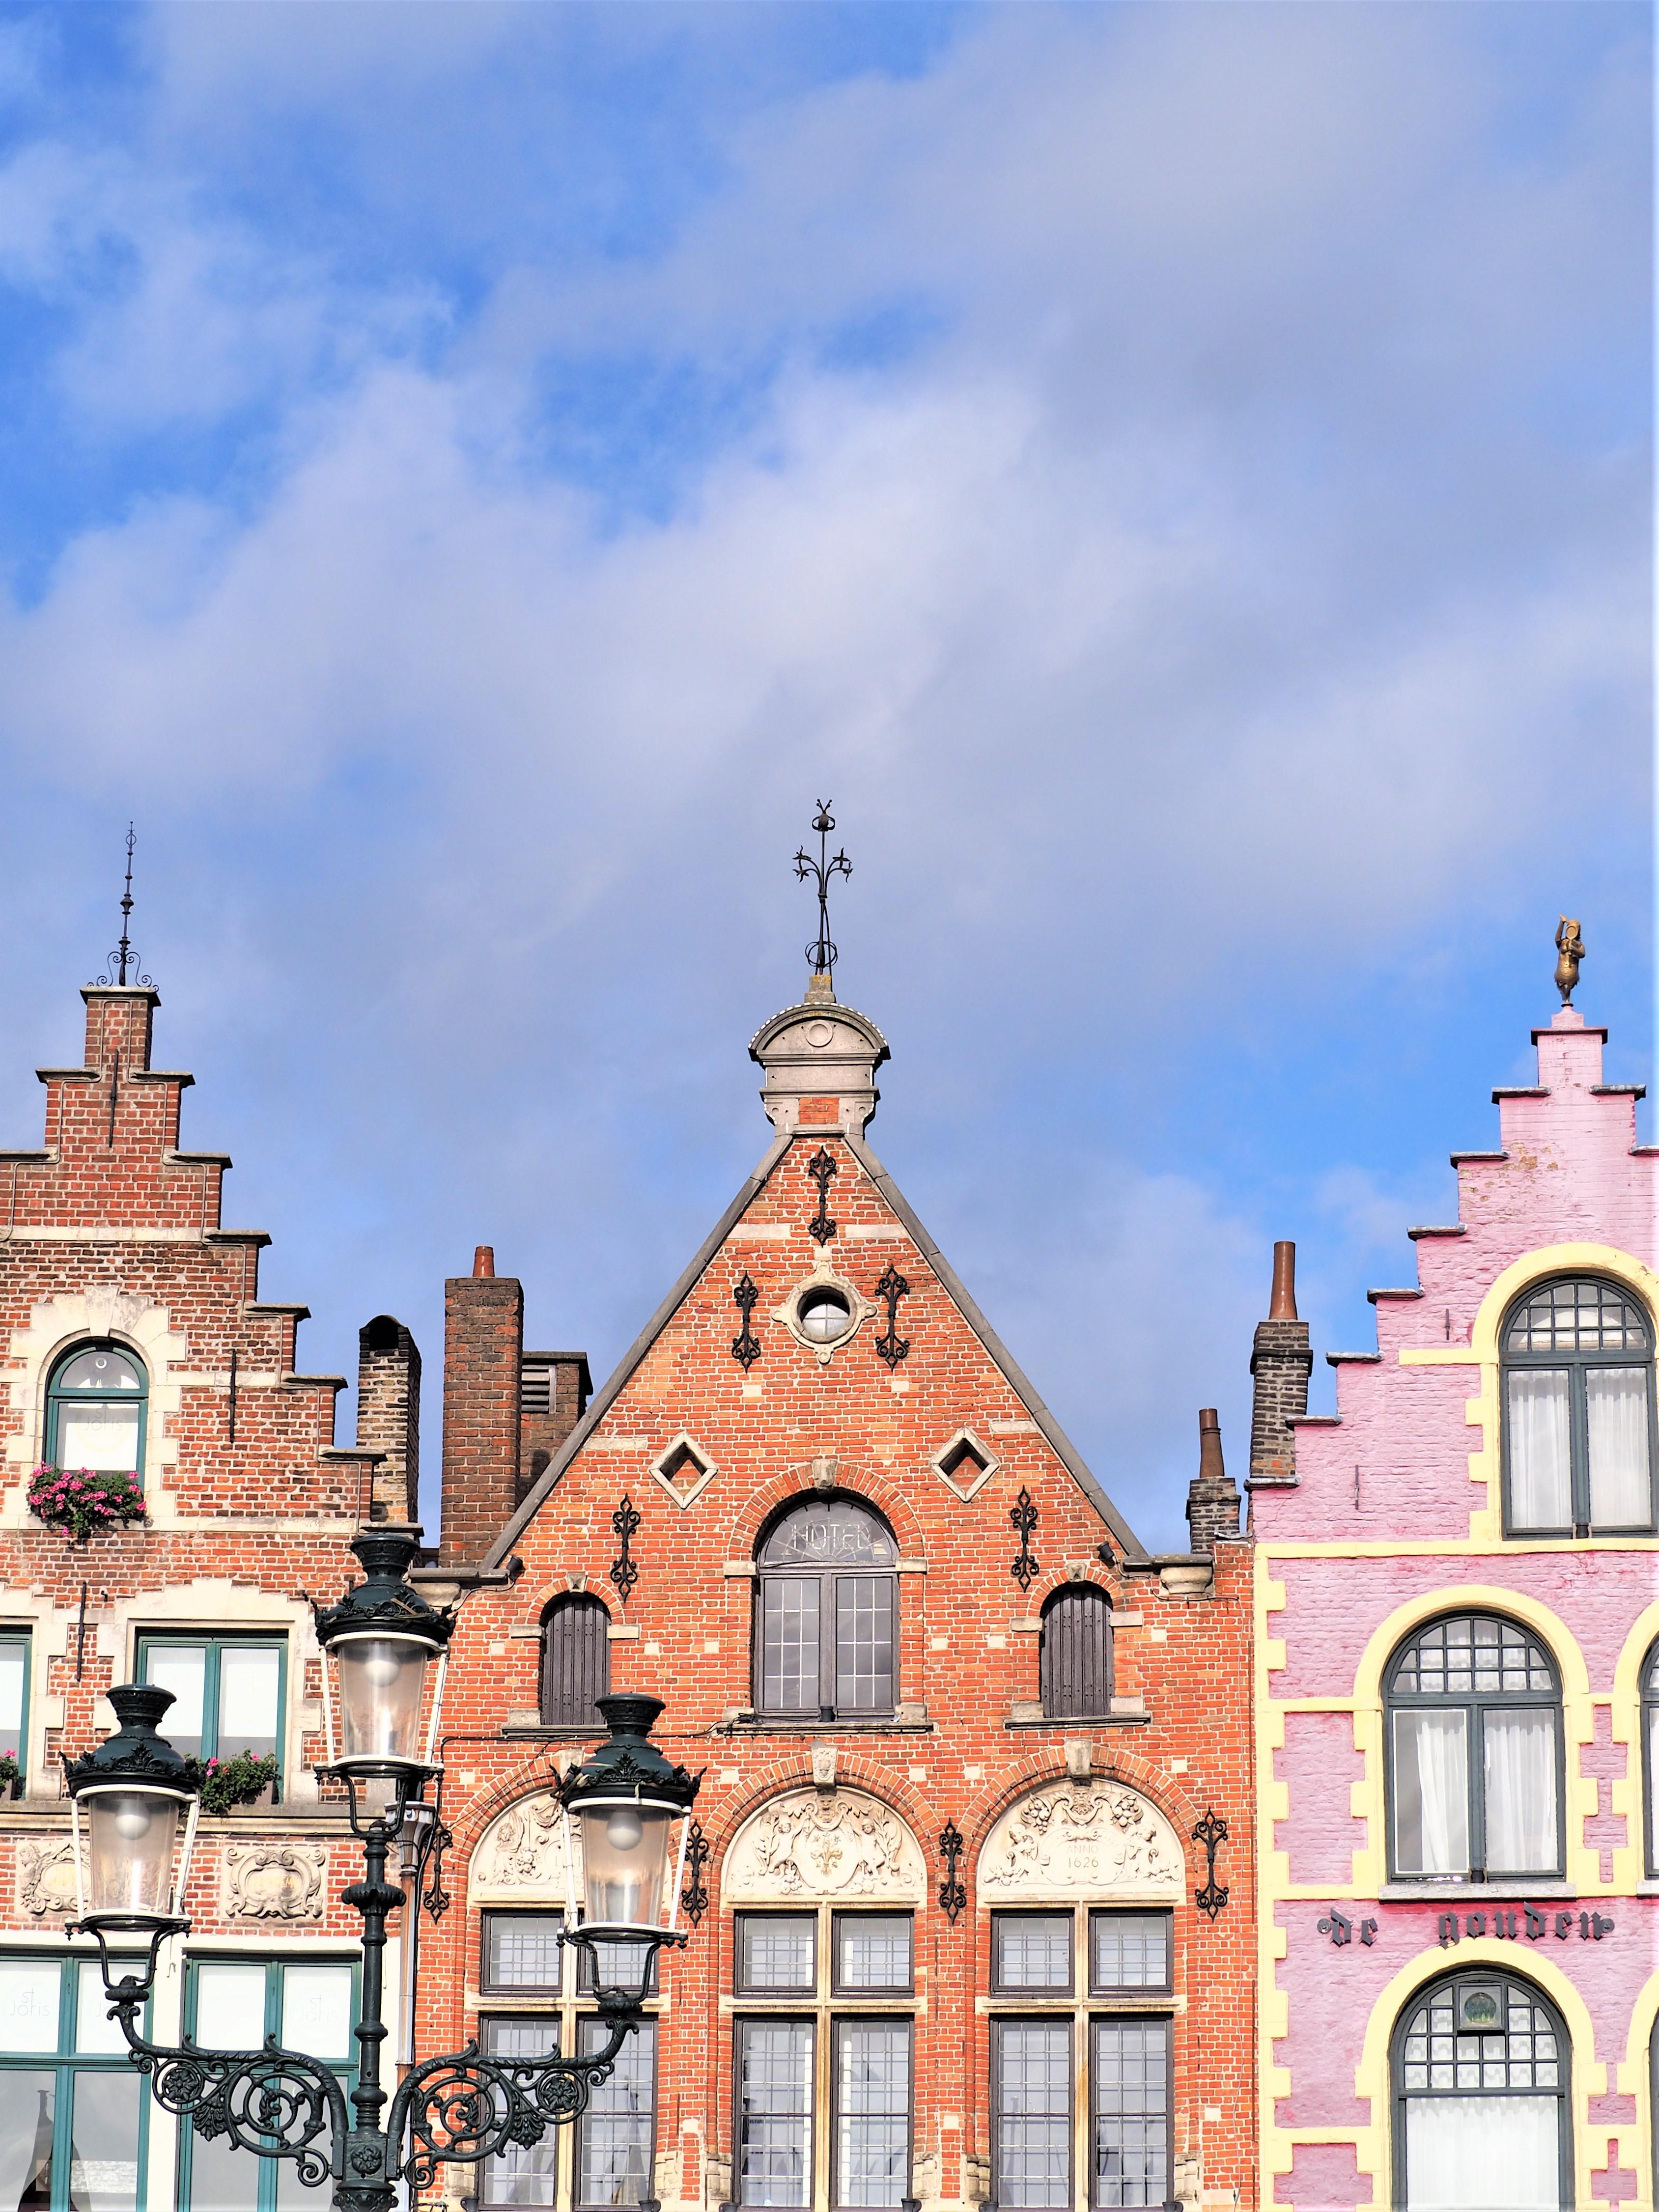 Bruges-Belgique-Blog-voyage-Clioandco-Eglise-Sainte-Walburge-de-Bruges-couleurs automne